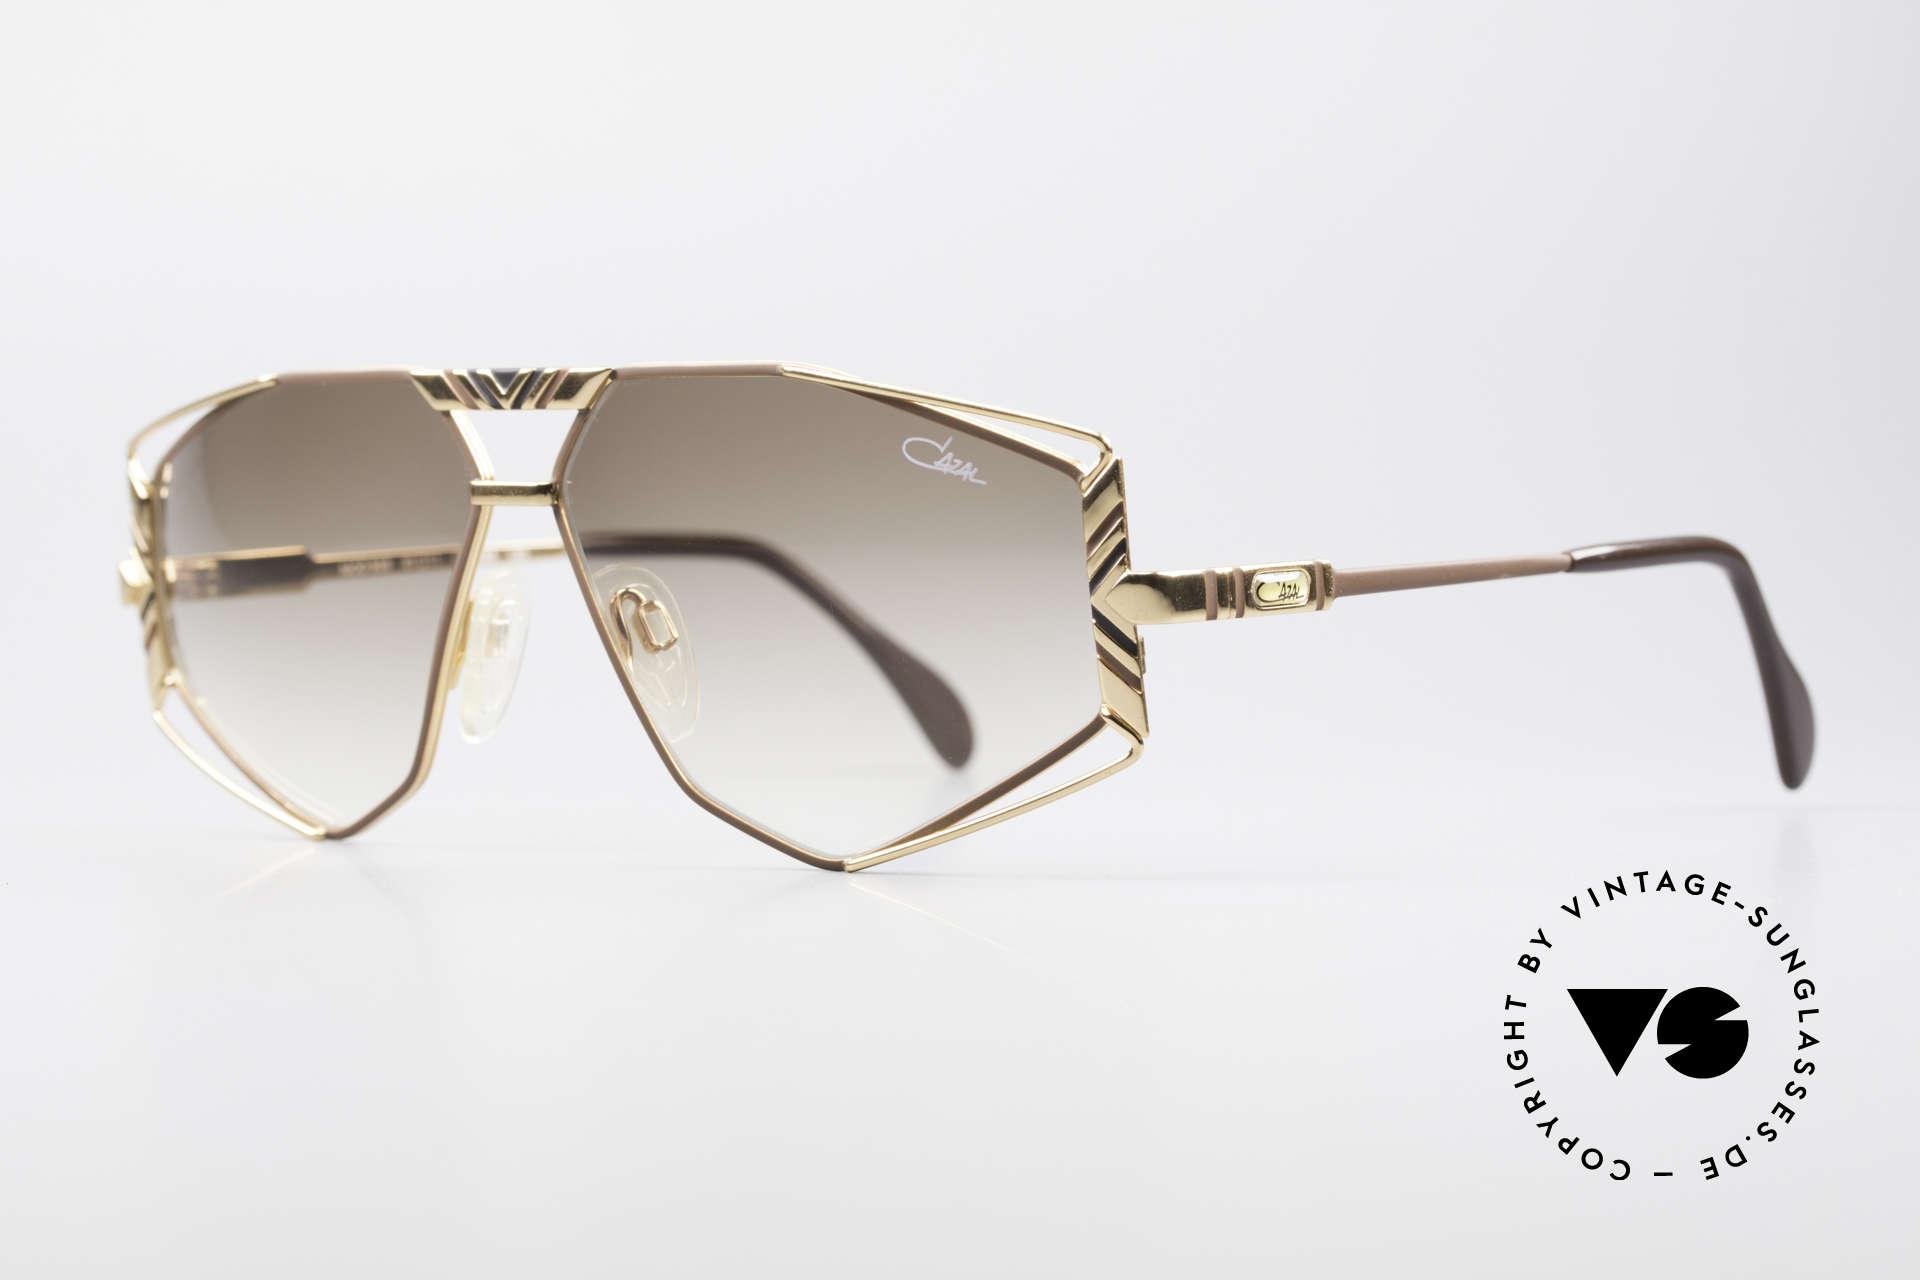 Cazal 956 Cari Zalloni Vintage Brille, Design vom legendären CAri ZALloni (Mr. CAZAL), Passend für Herren und Damen